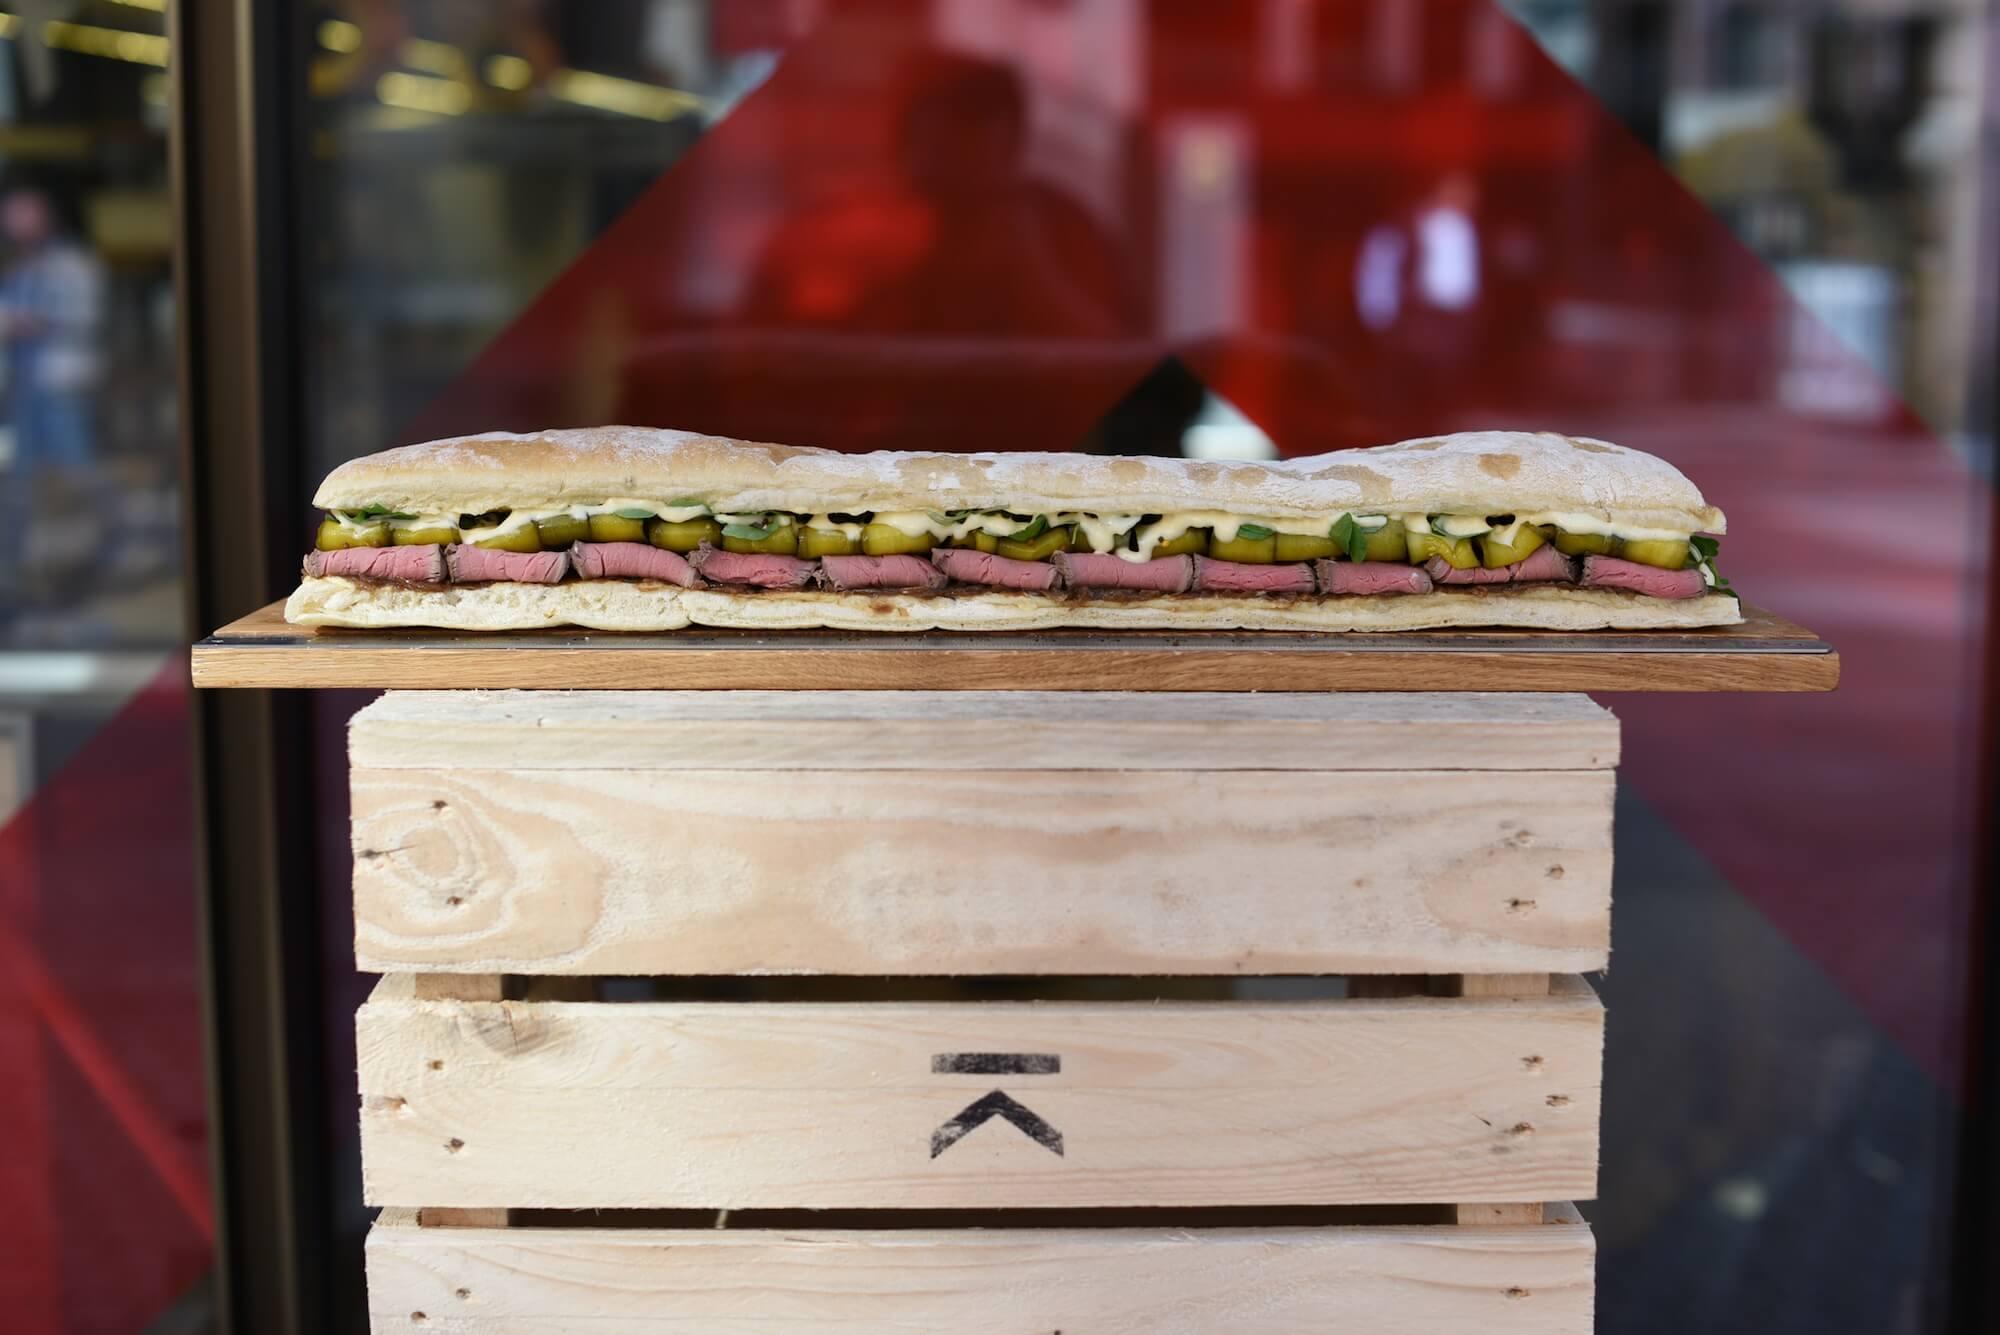 24 inch sandwich 1 (roast beef)